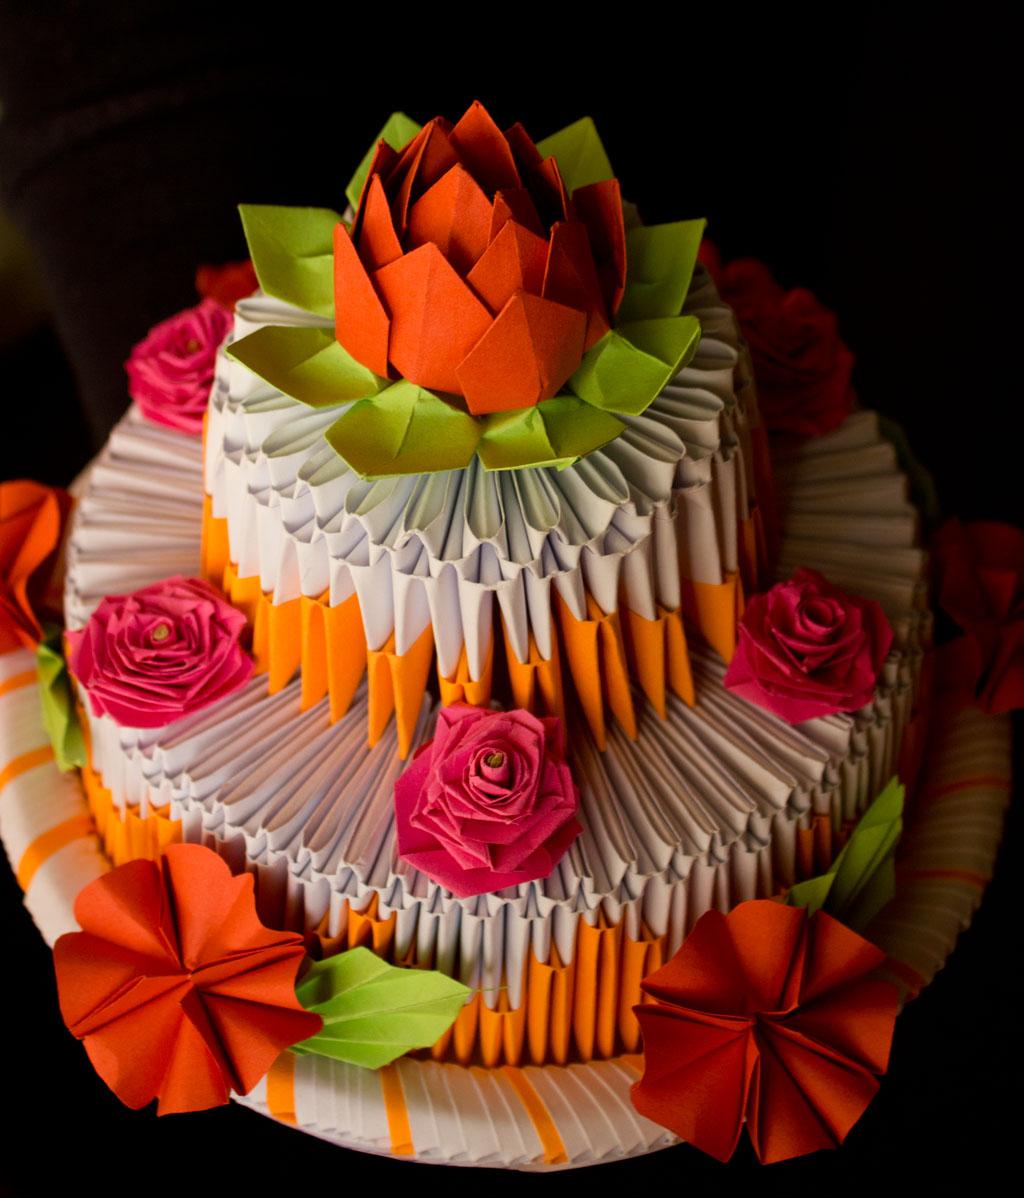 Papírvilág: Papírtorta / Origami Cake